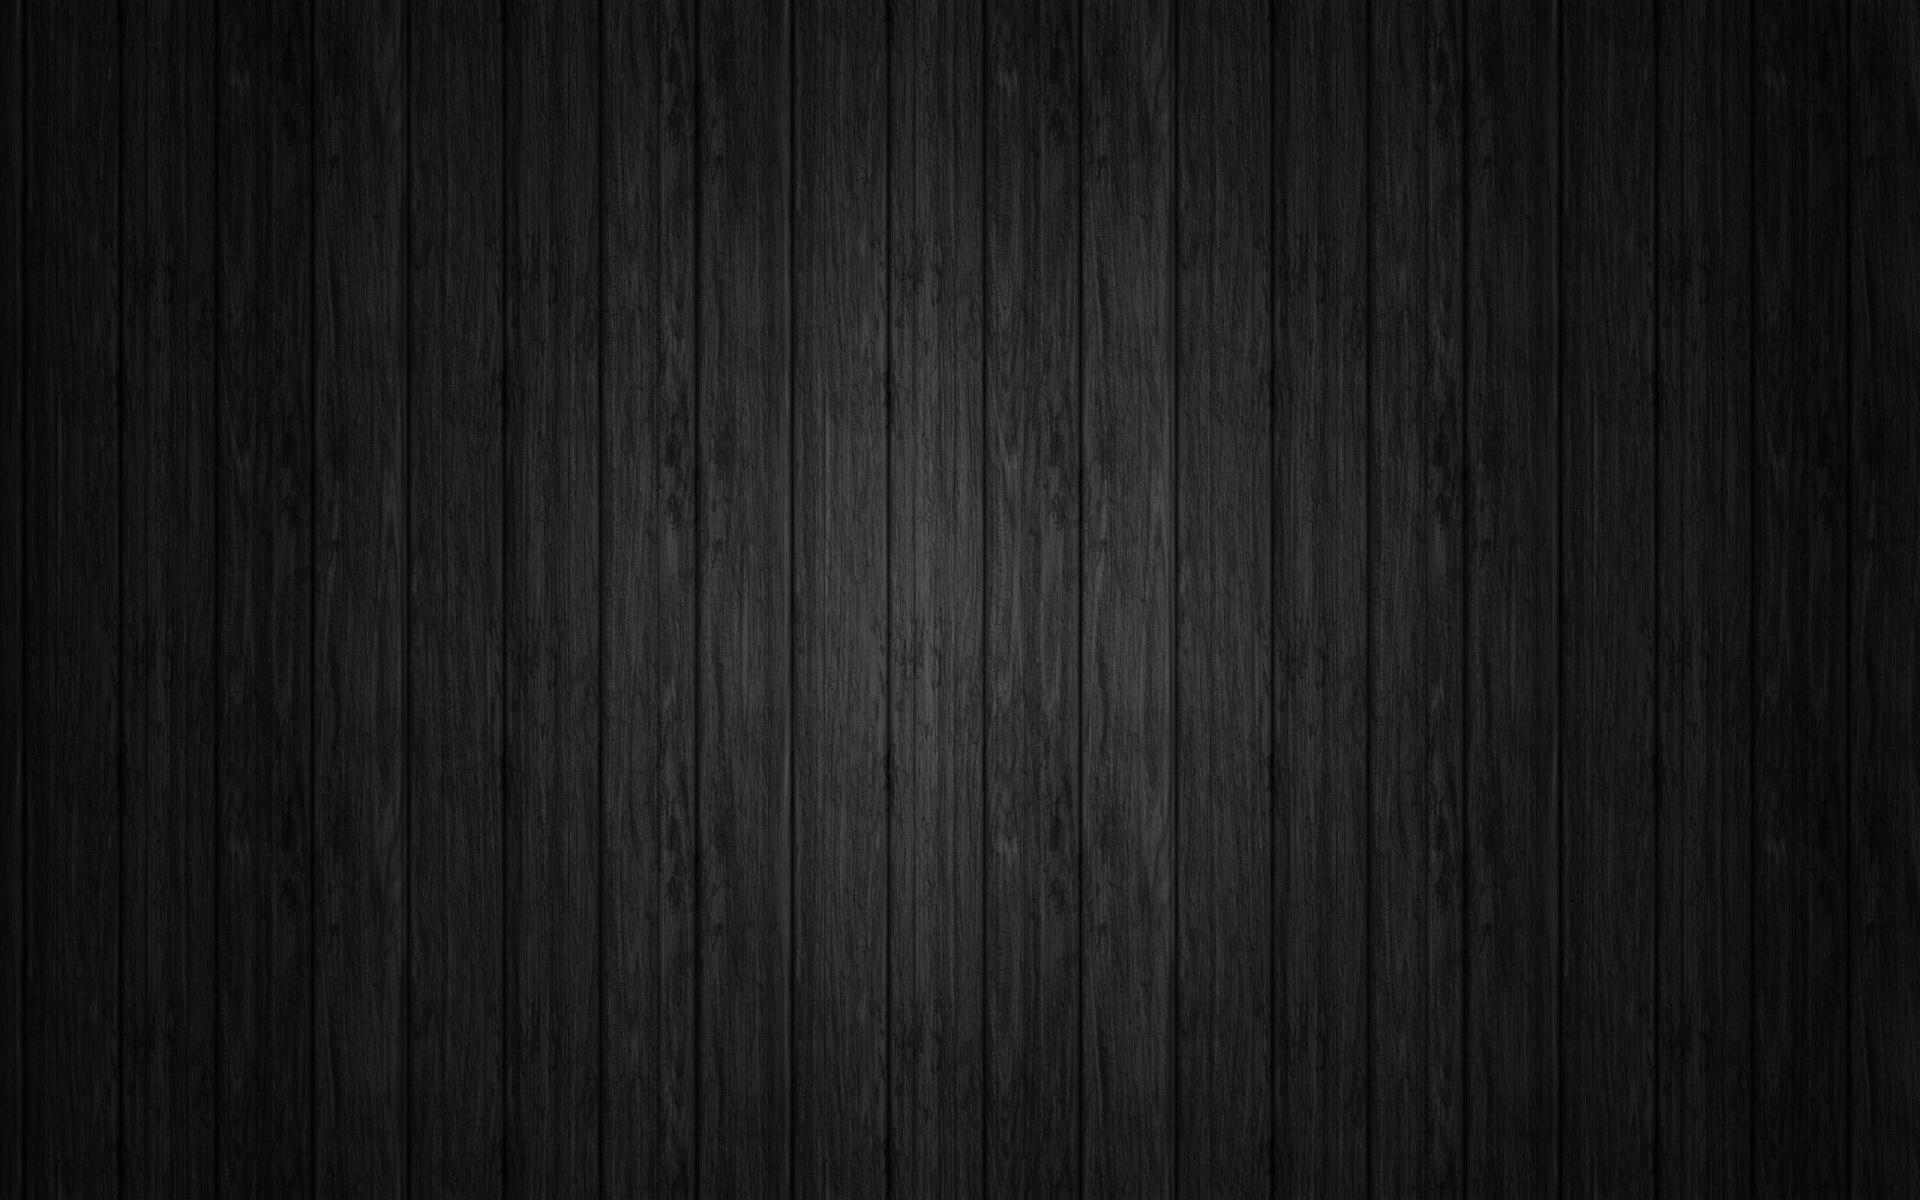 wallpaper hd wallpapers wallpaper for your desktop smartphone tablet 1920x1200